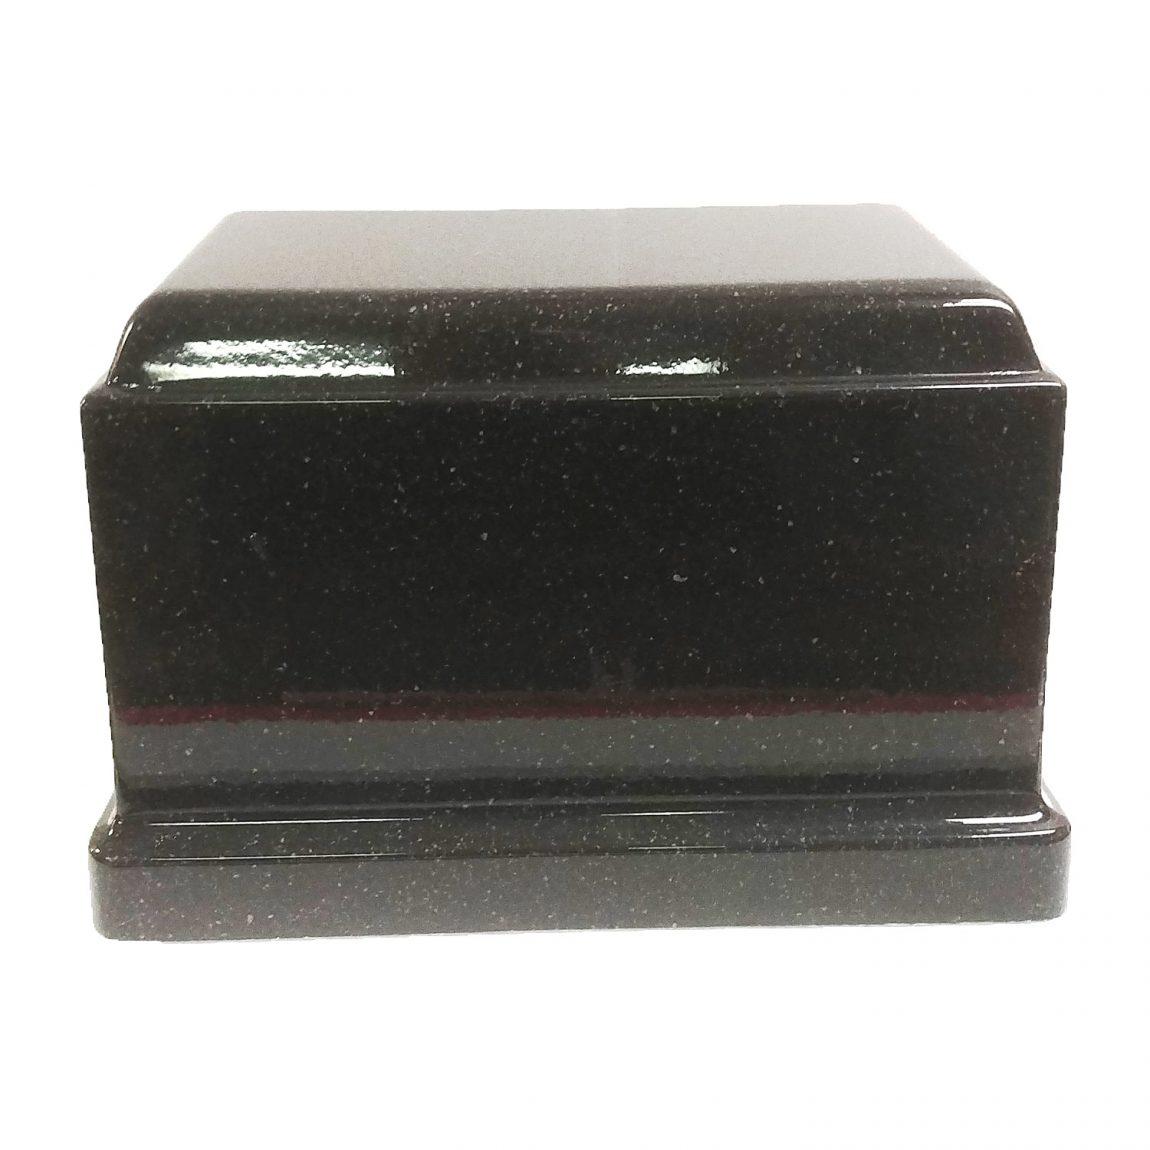 Marbelite-noire-100.jpg